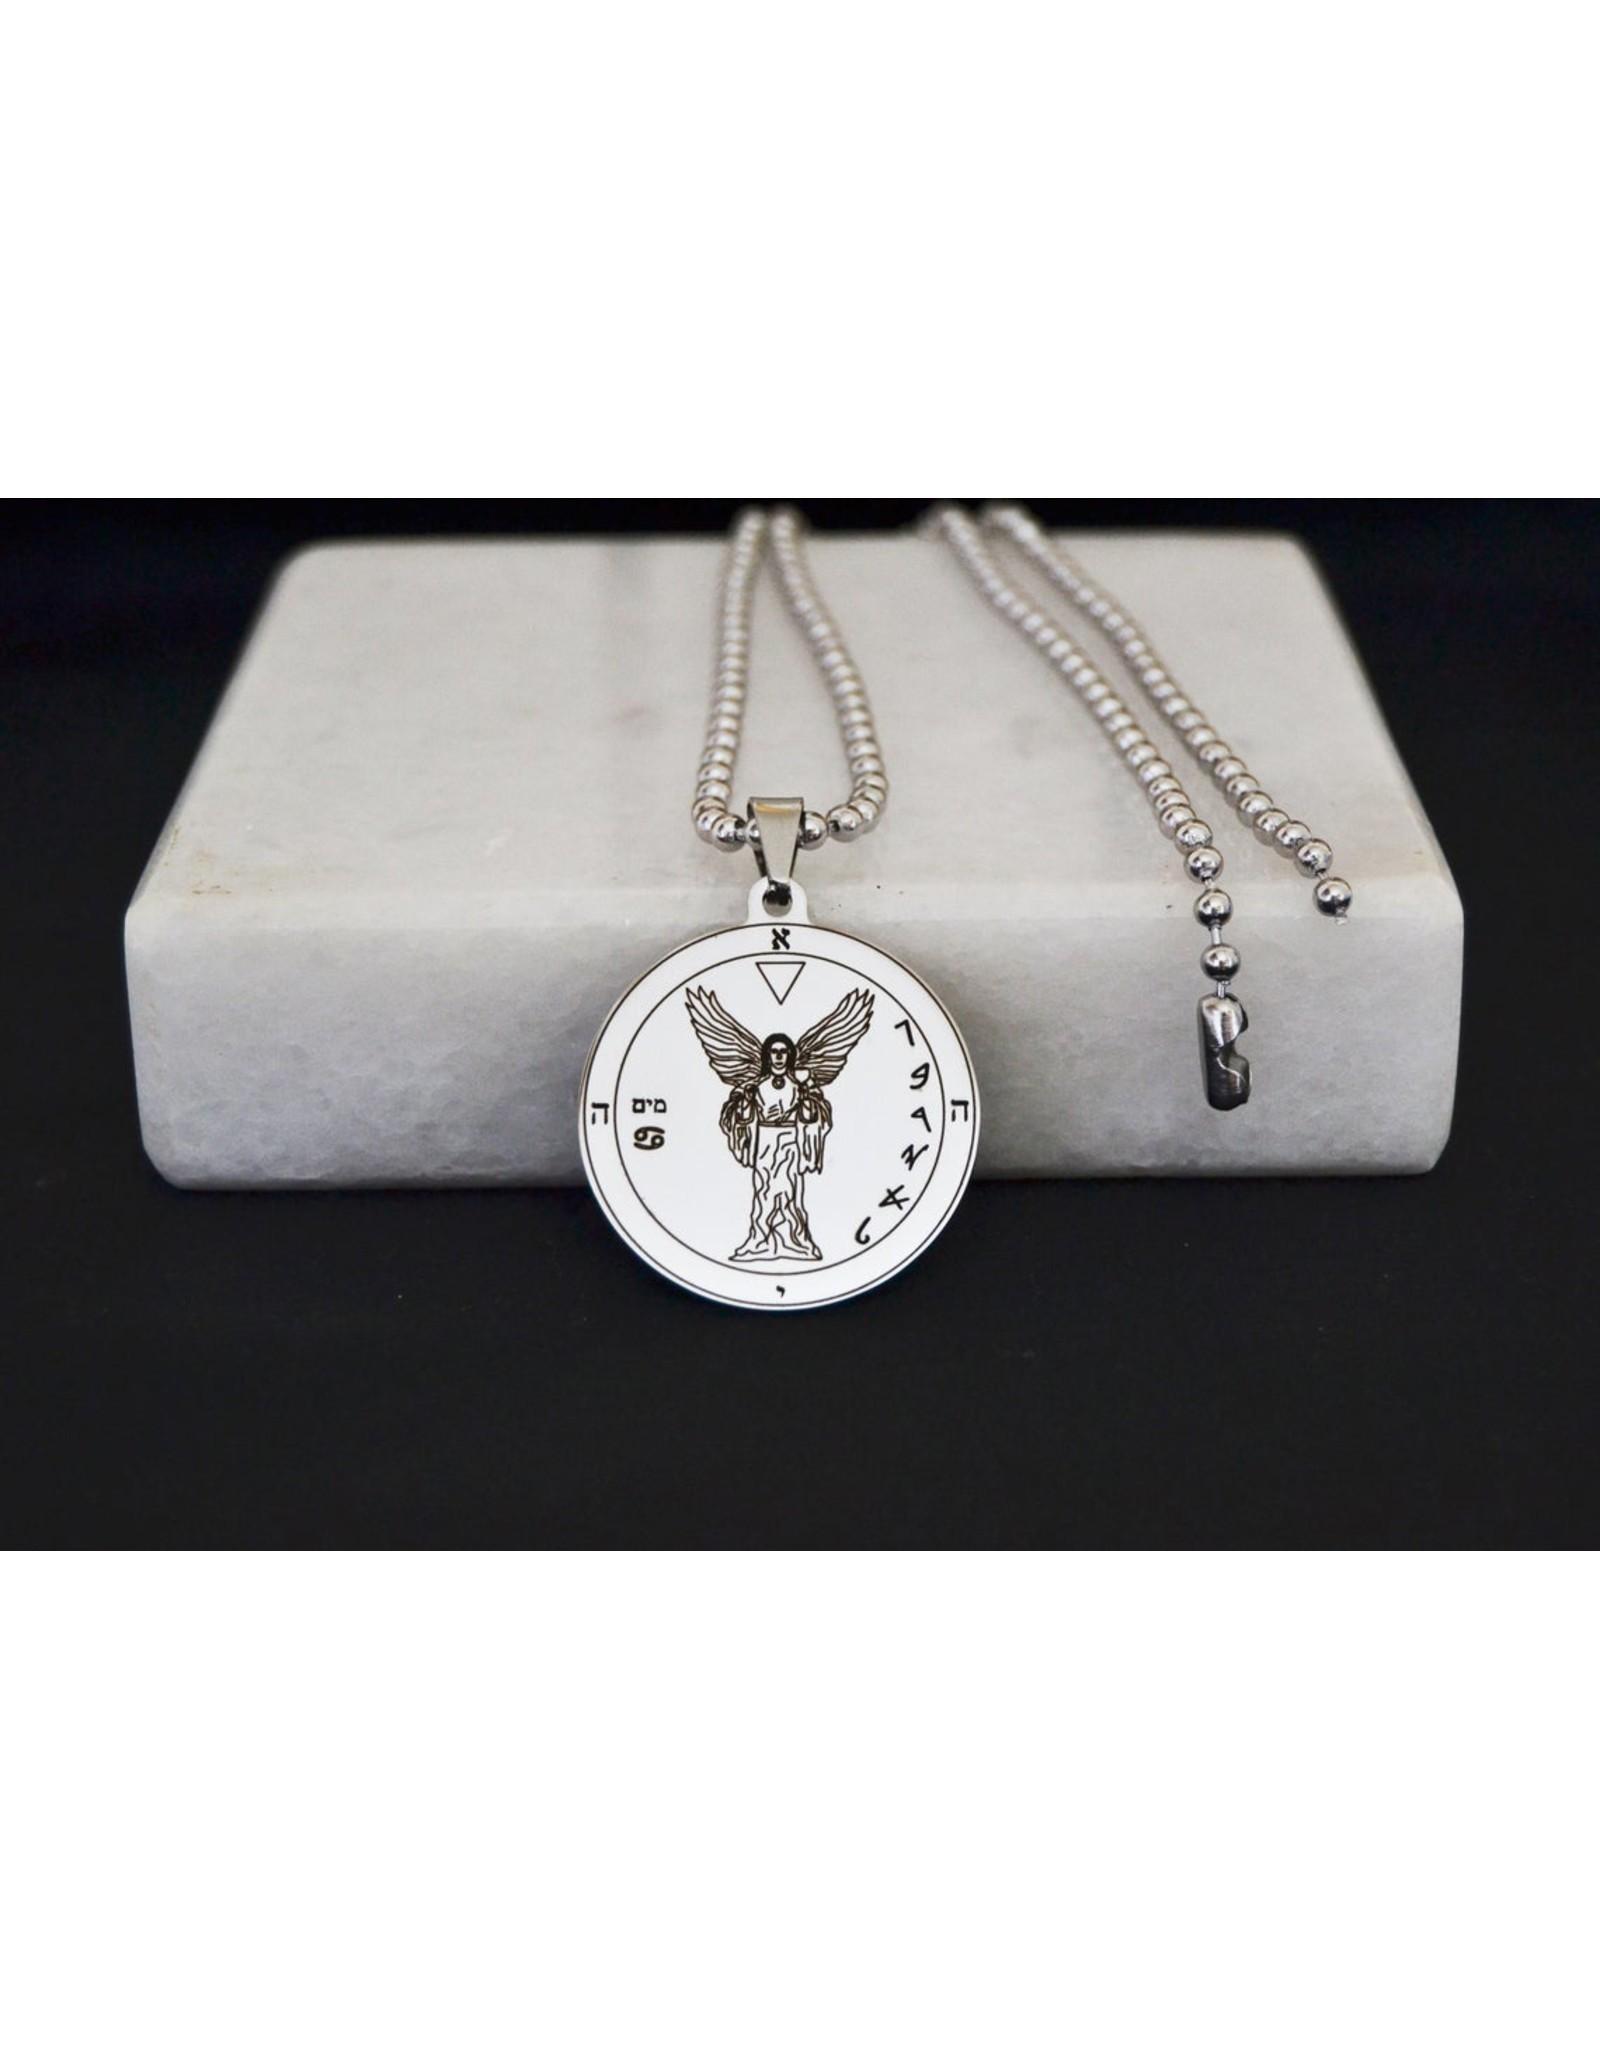 Archangel Gabriel Image Pendant